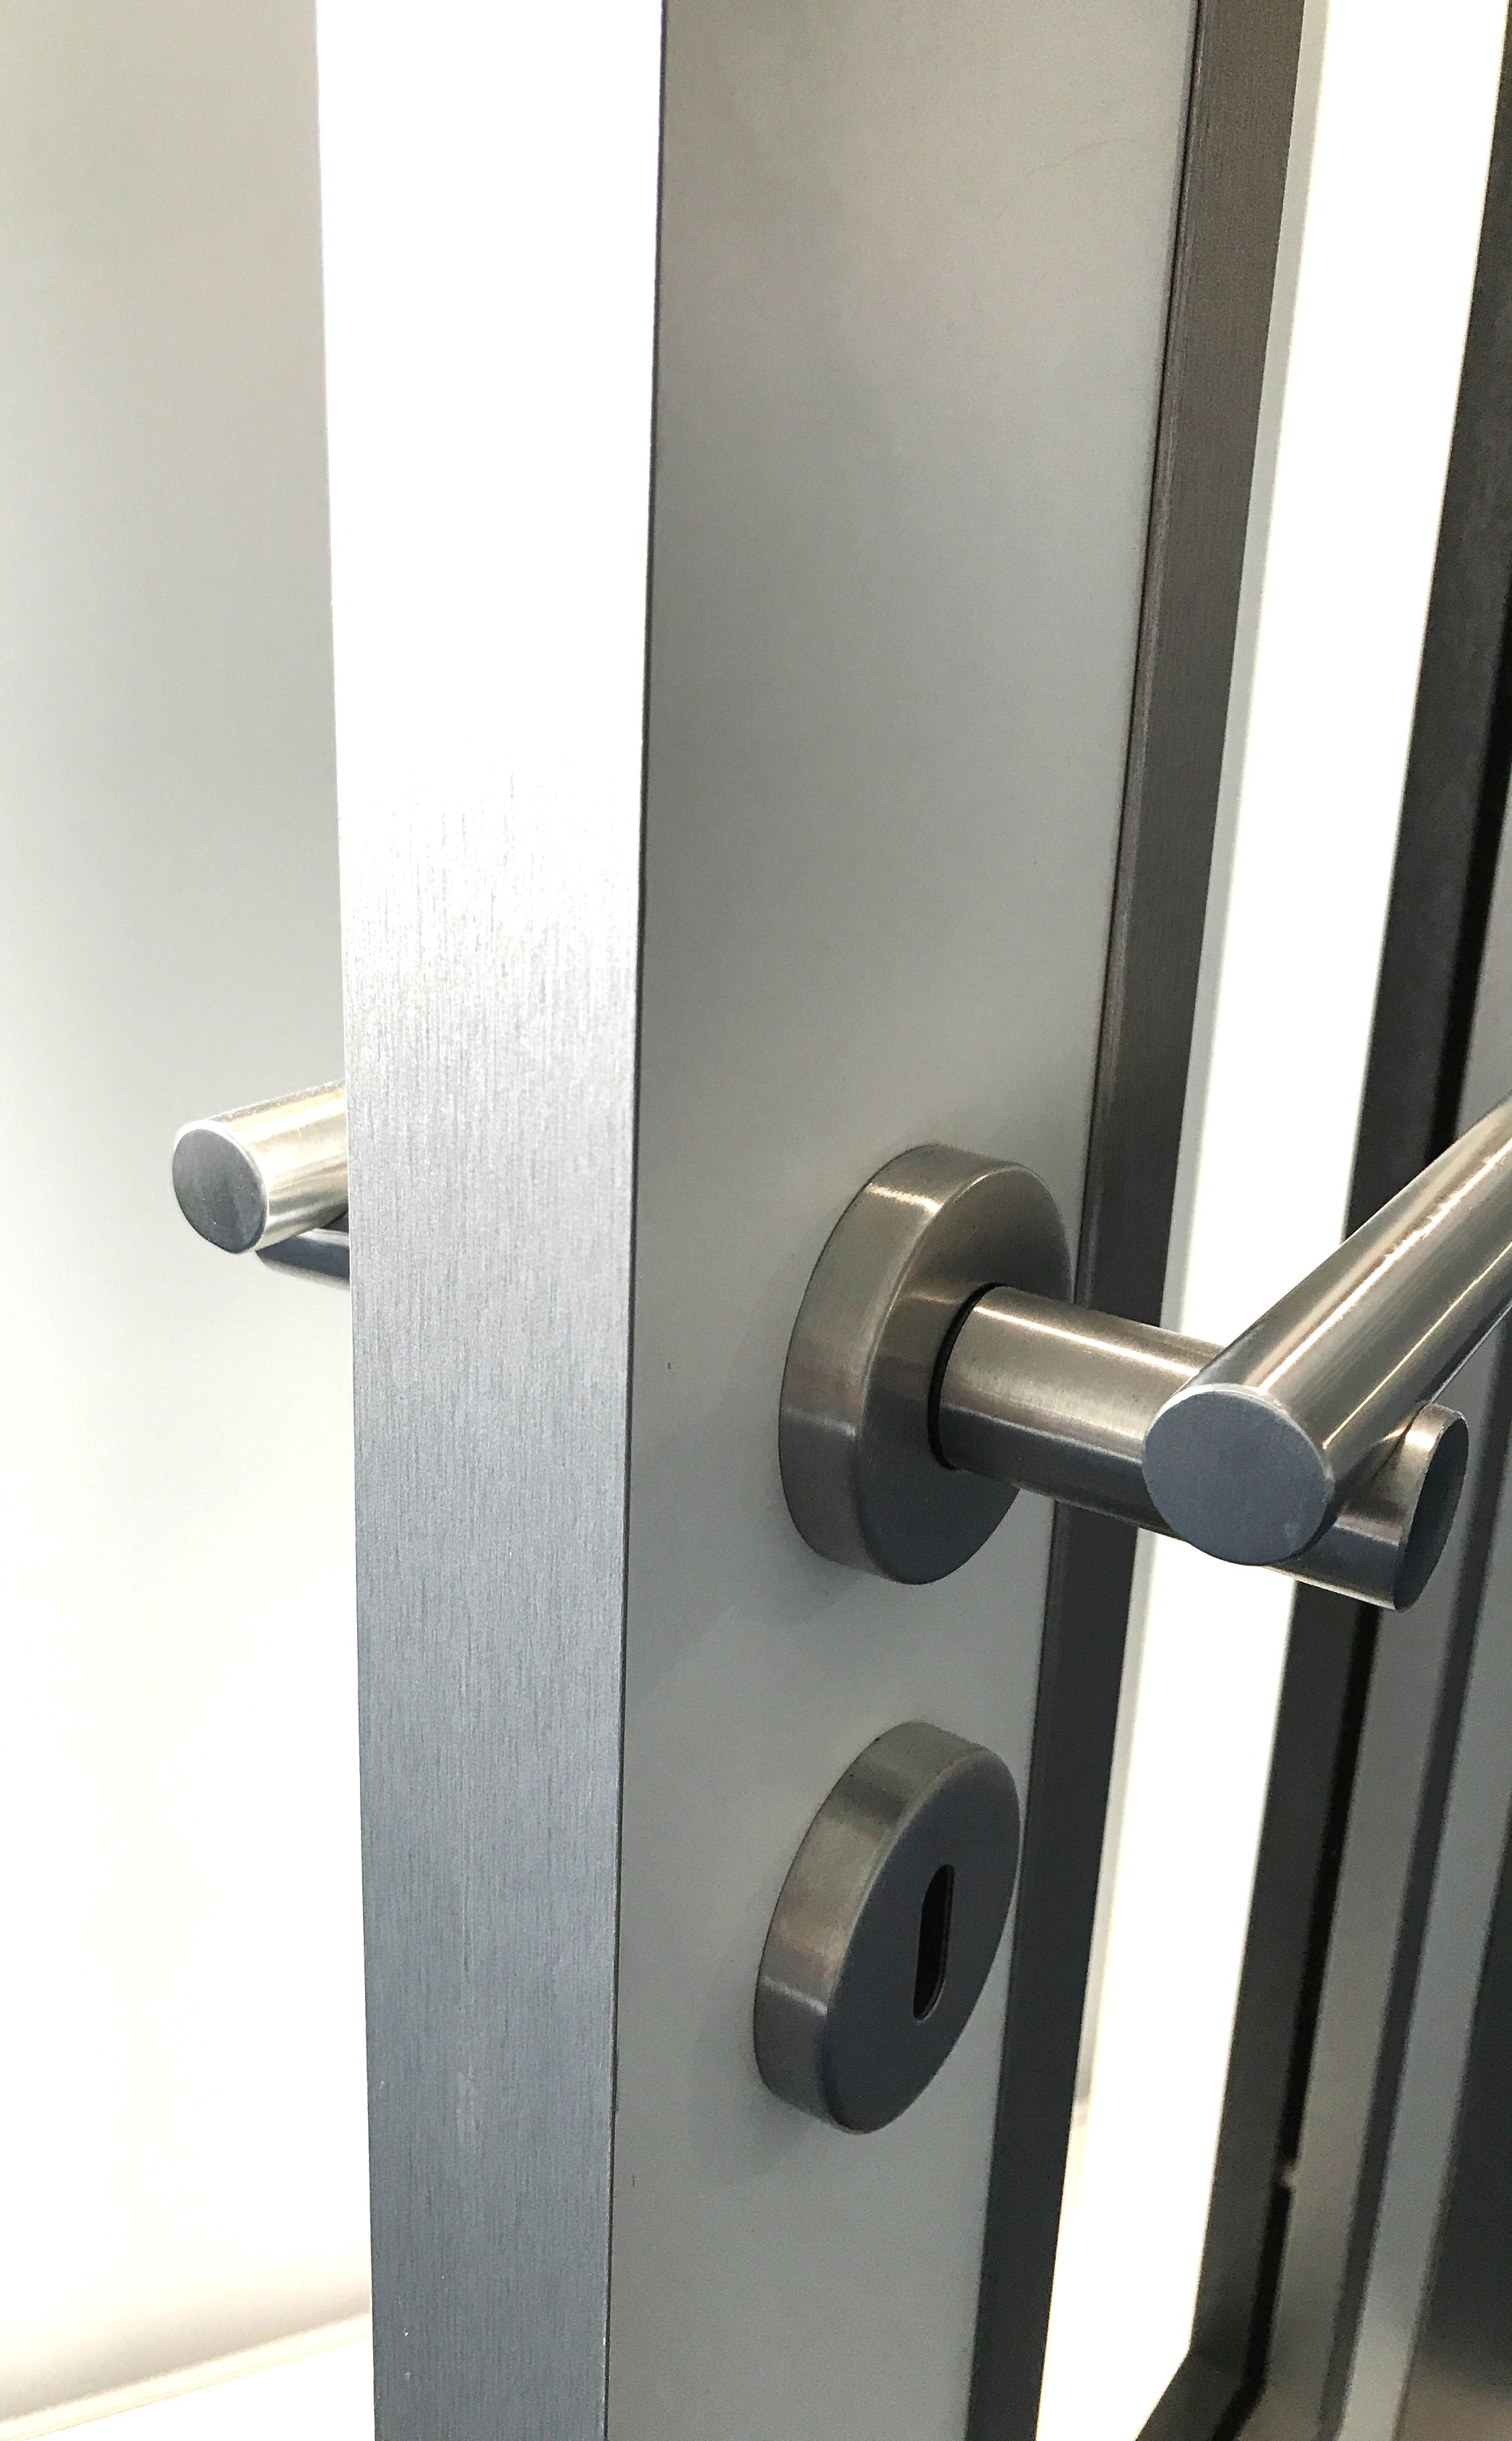 Kröning Echtmetallkanten für Zimmertüren